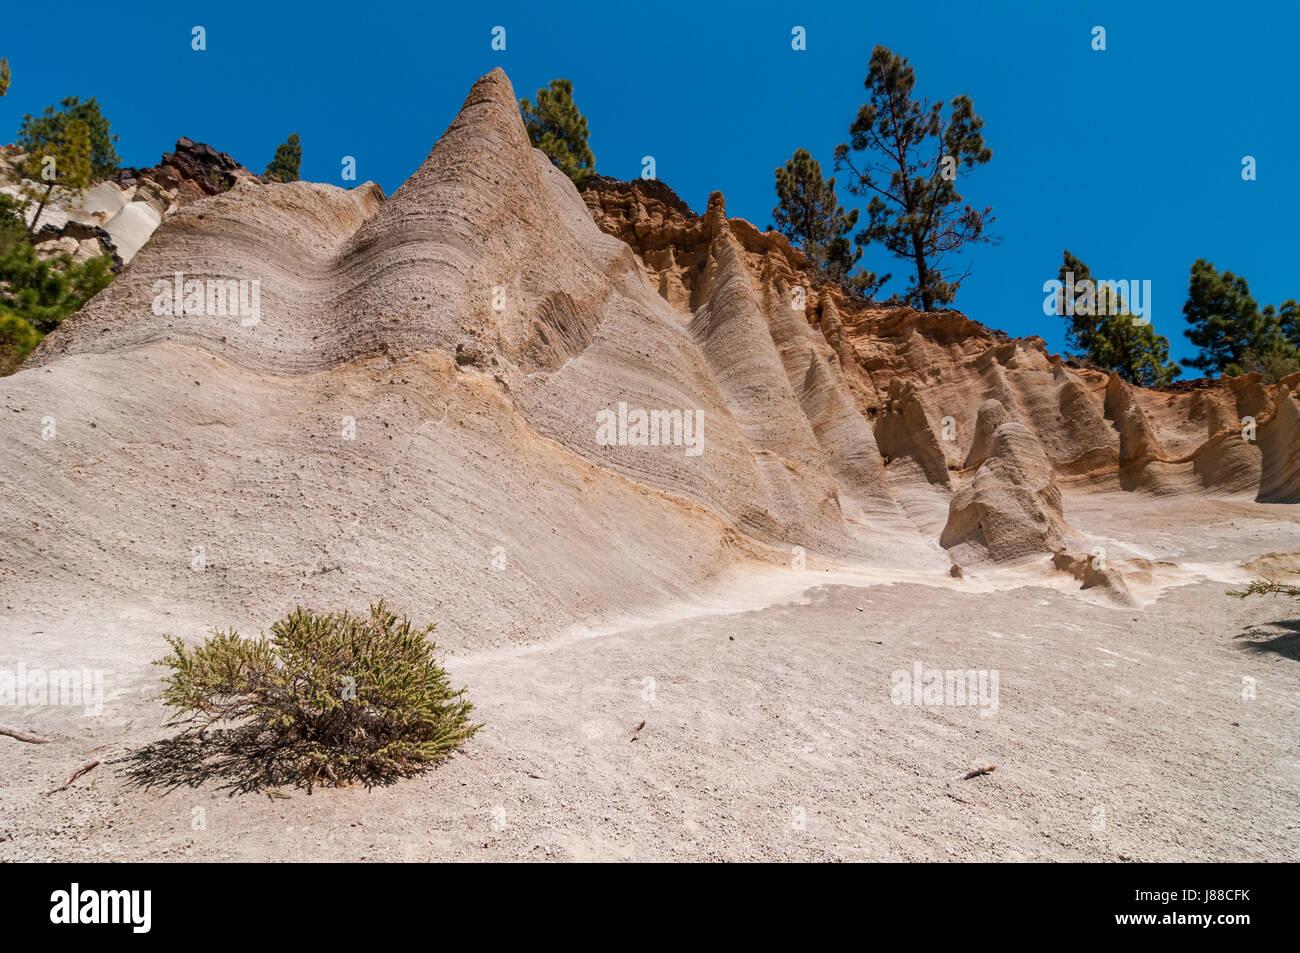 Paisaje Lunar Landscape Showing Erosion Of Cliffs, Tenerife, Spain - Stock Image